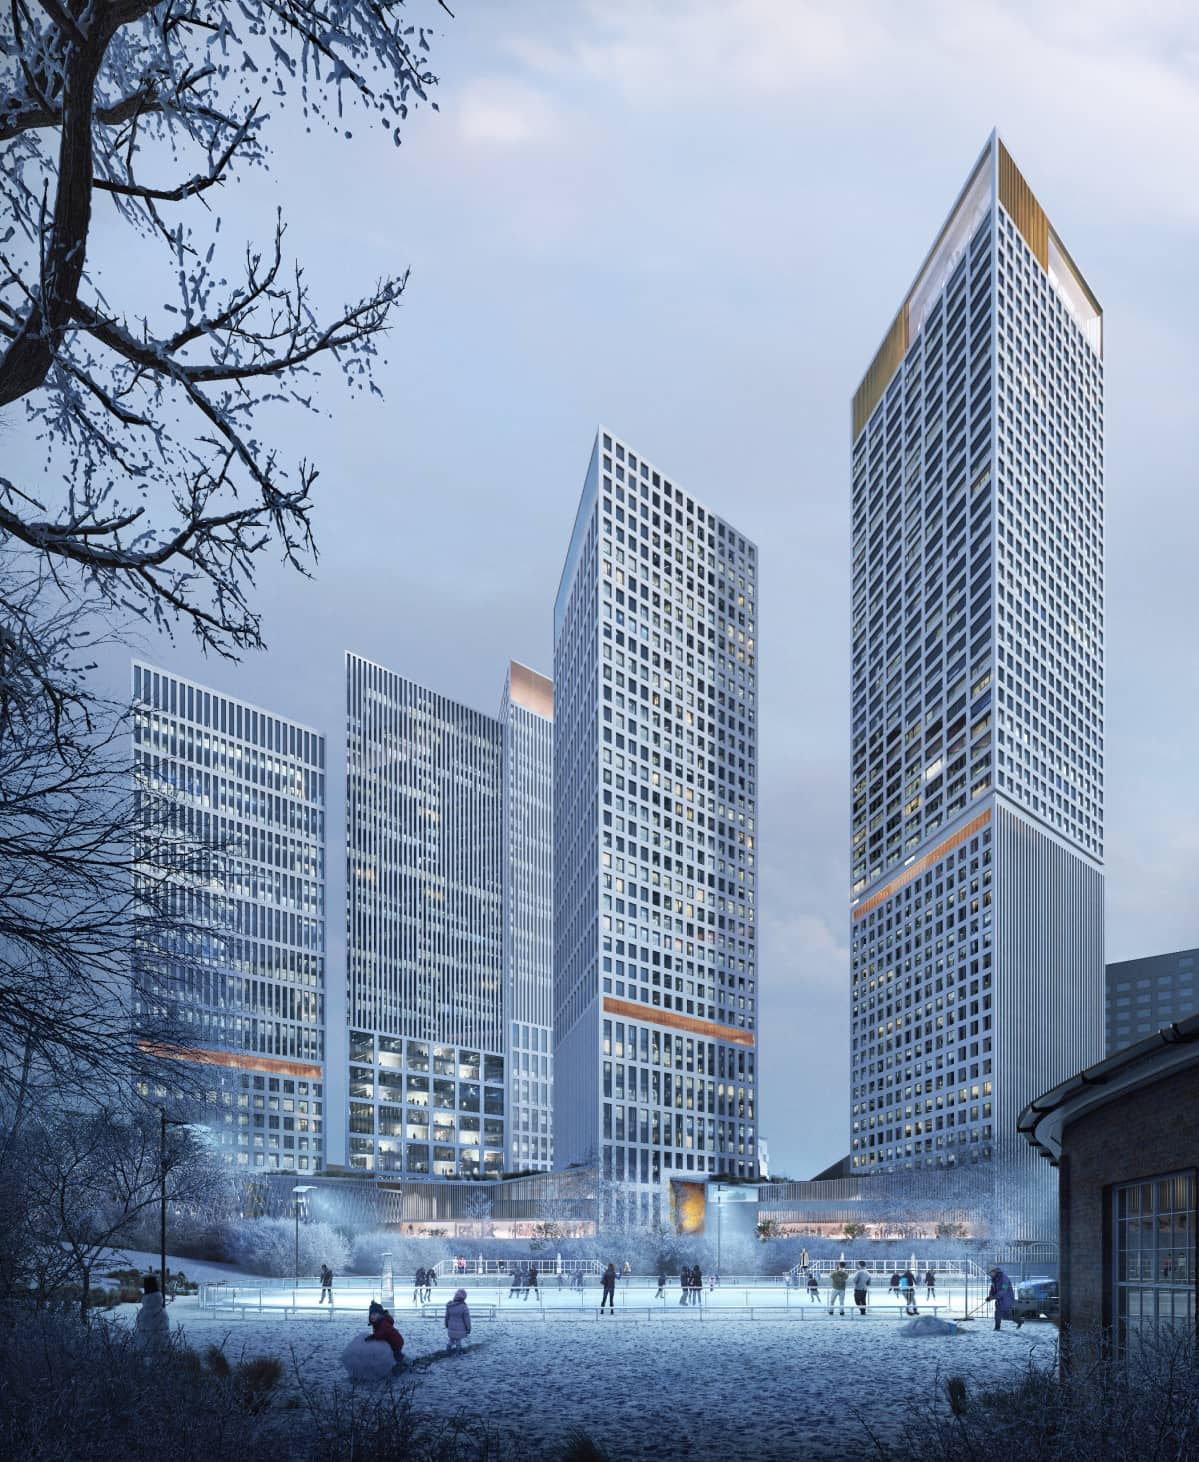 Trigoni, YIT:n ehdotus Helsinki High-rise -kilpailuun. Talvinäkymä Veturipuistosta Länsialueelle.